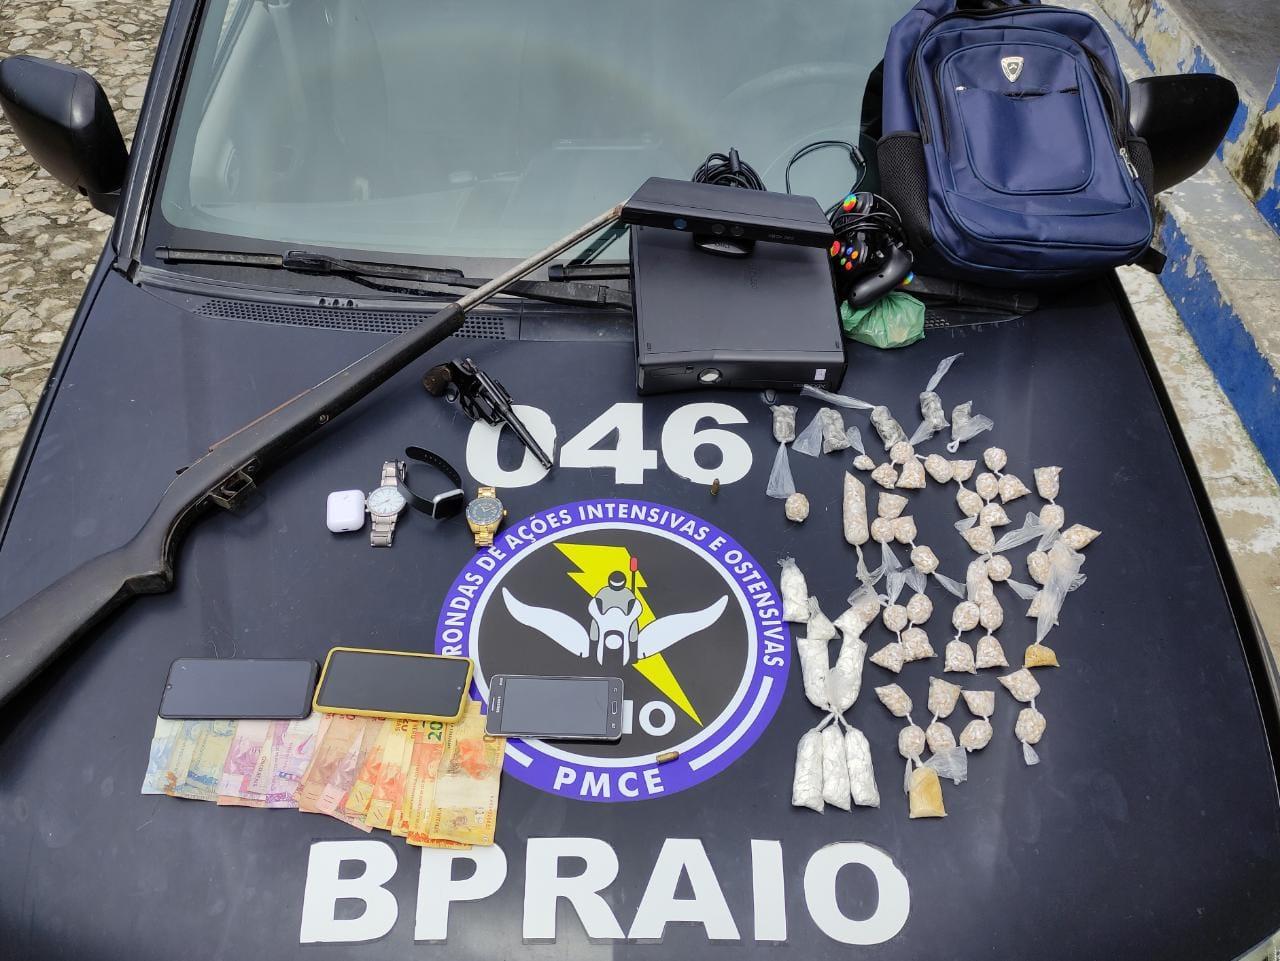 CPRaio apreende mais de 2.000 trouxinhas de drogas, duas armas de fogo e prende três suspeitos em Cascavel-CE